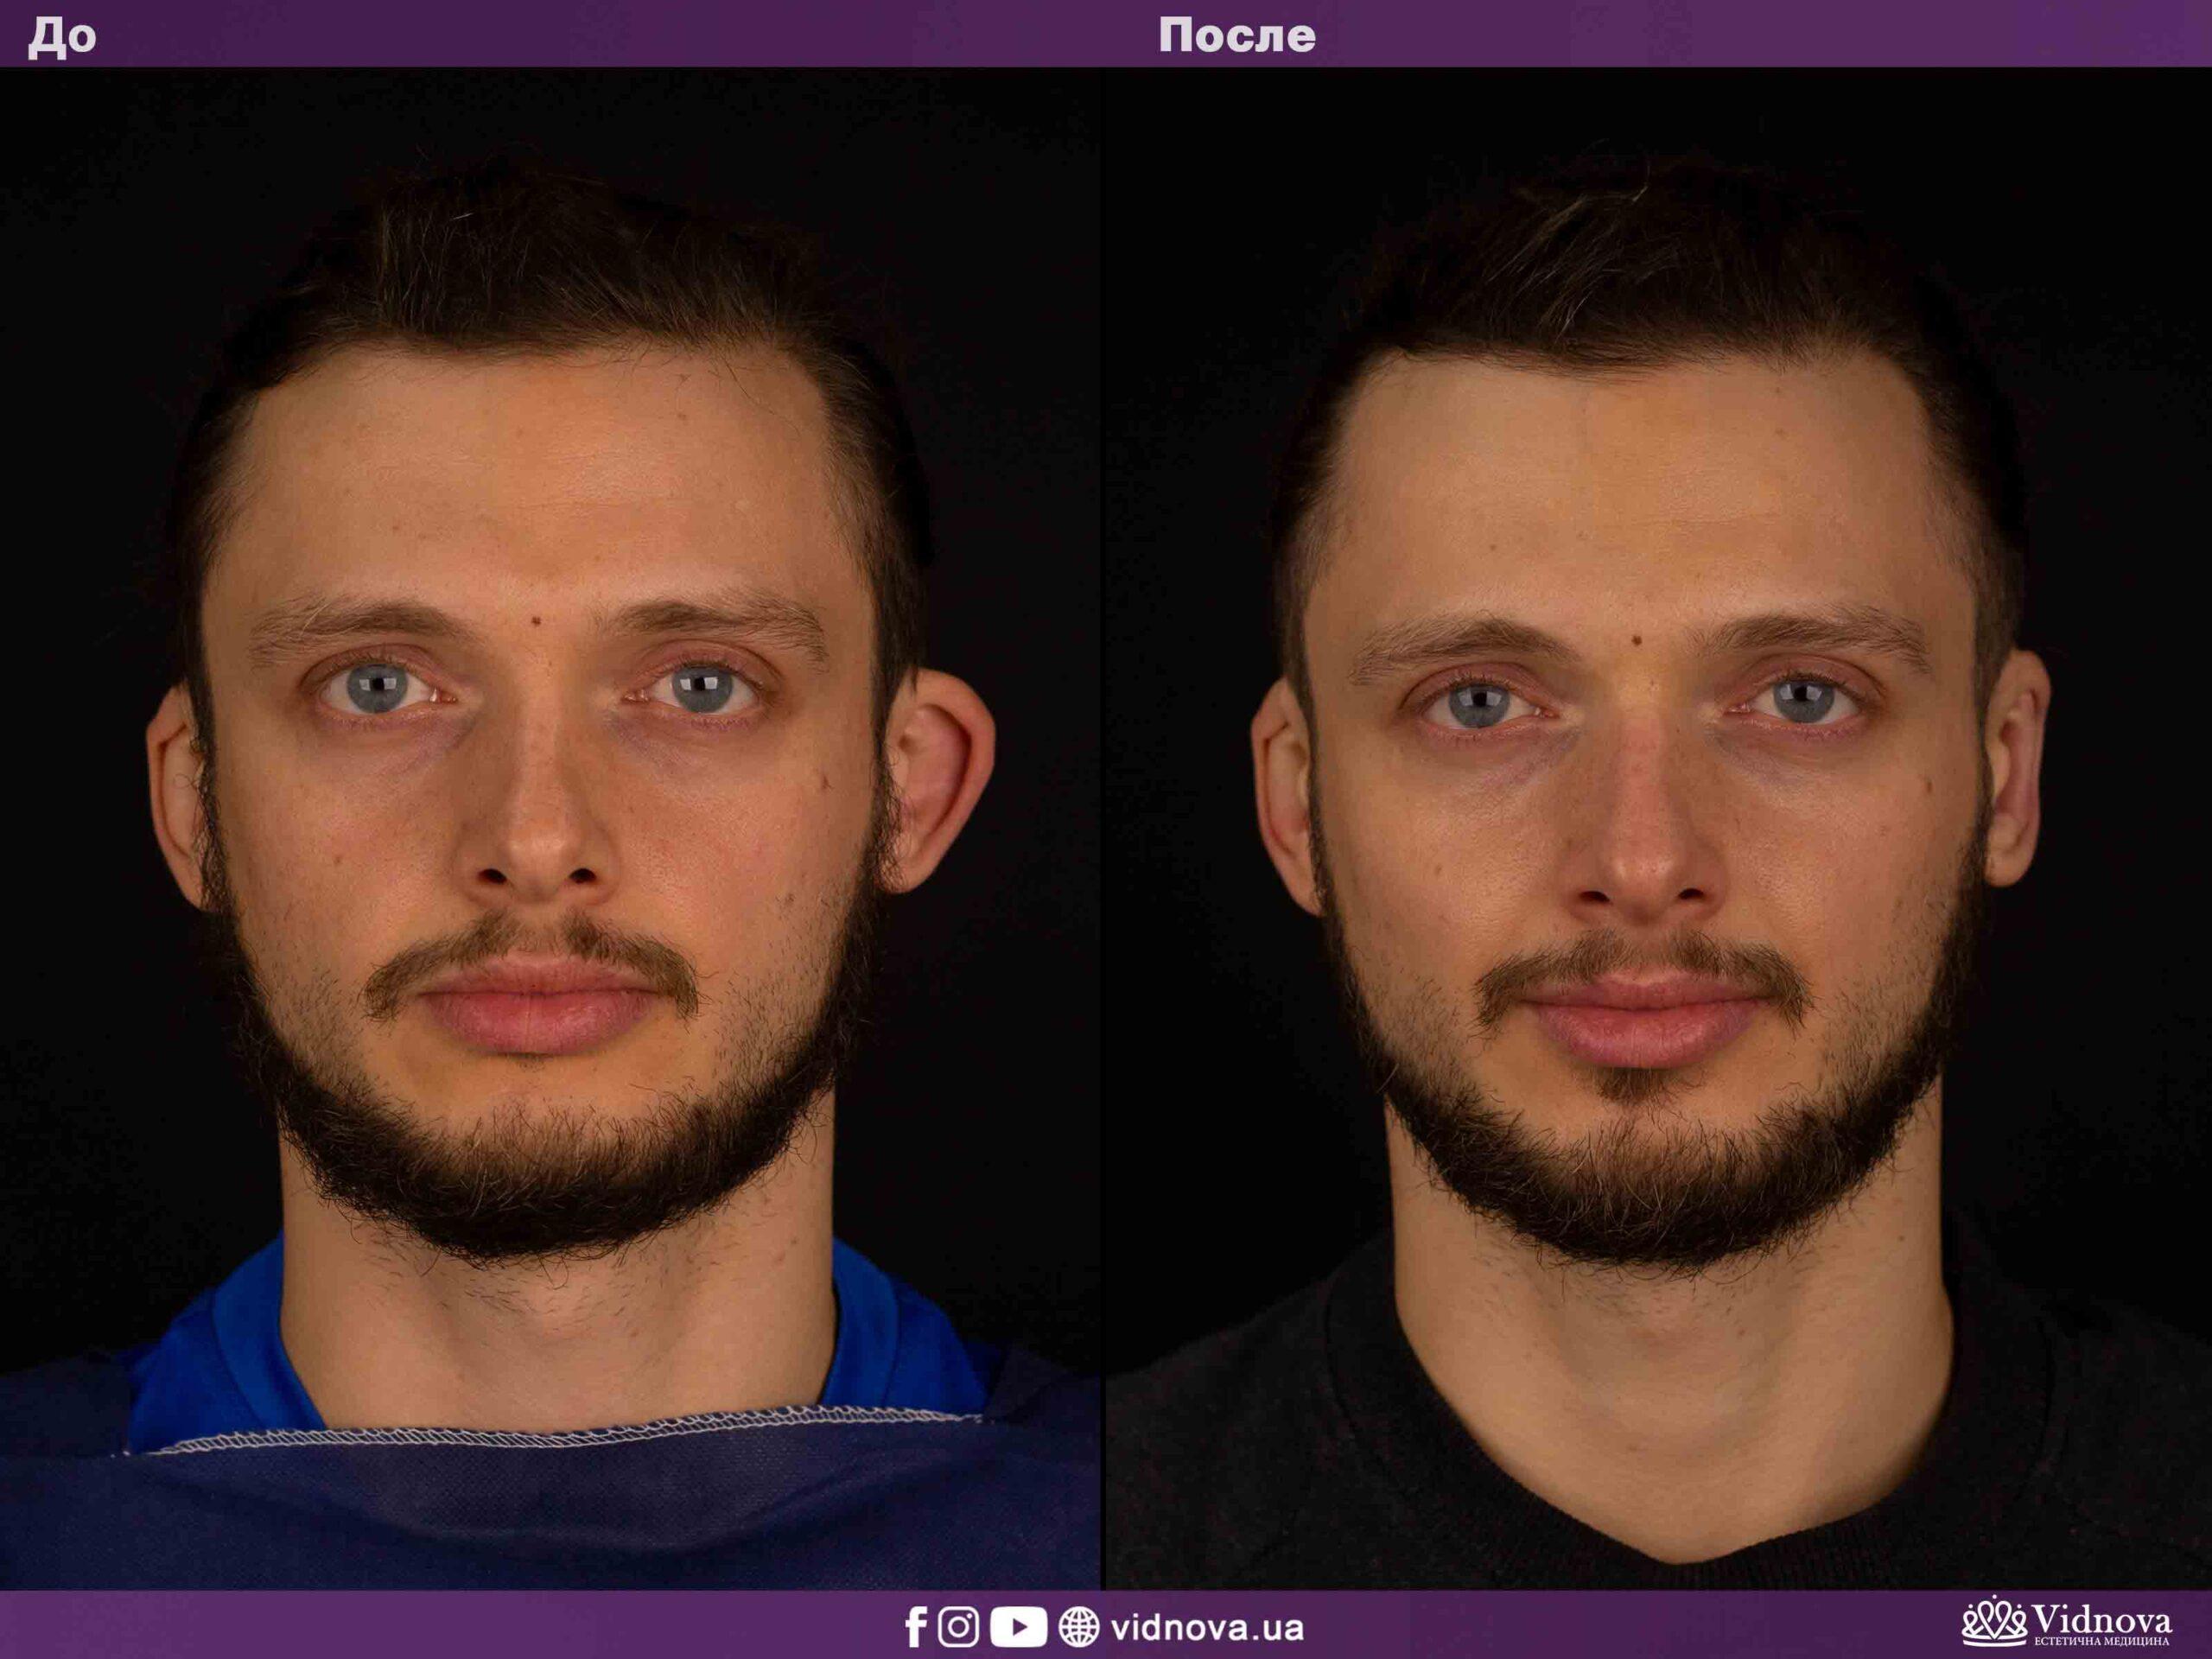 Отопластика: Фото До и После - Пример №5-1 - Клиника Vidnova